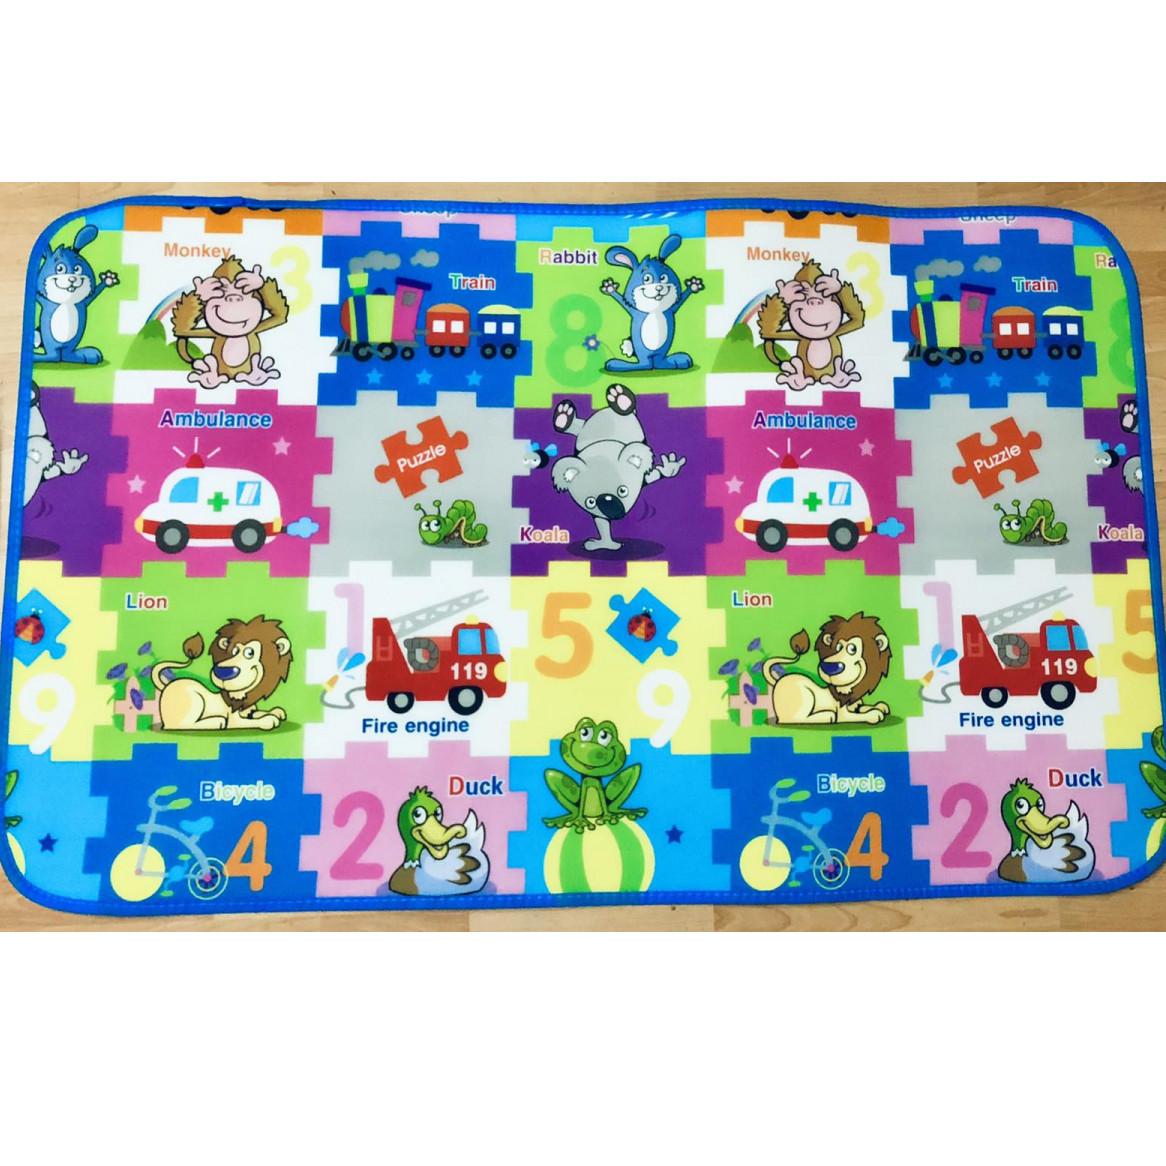 Дитячий ігровий килимок 90 на 150см.Двосторонній